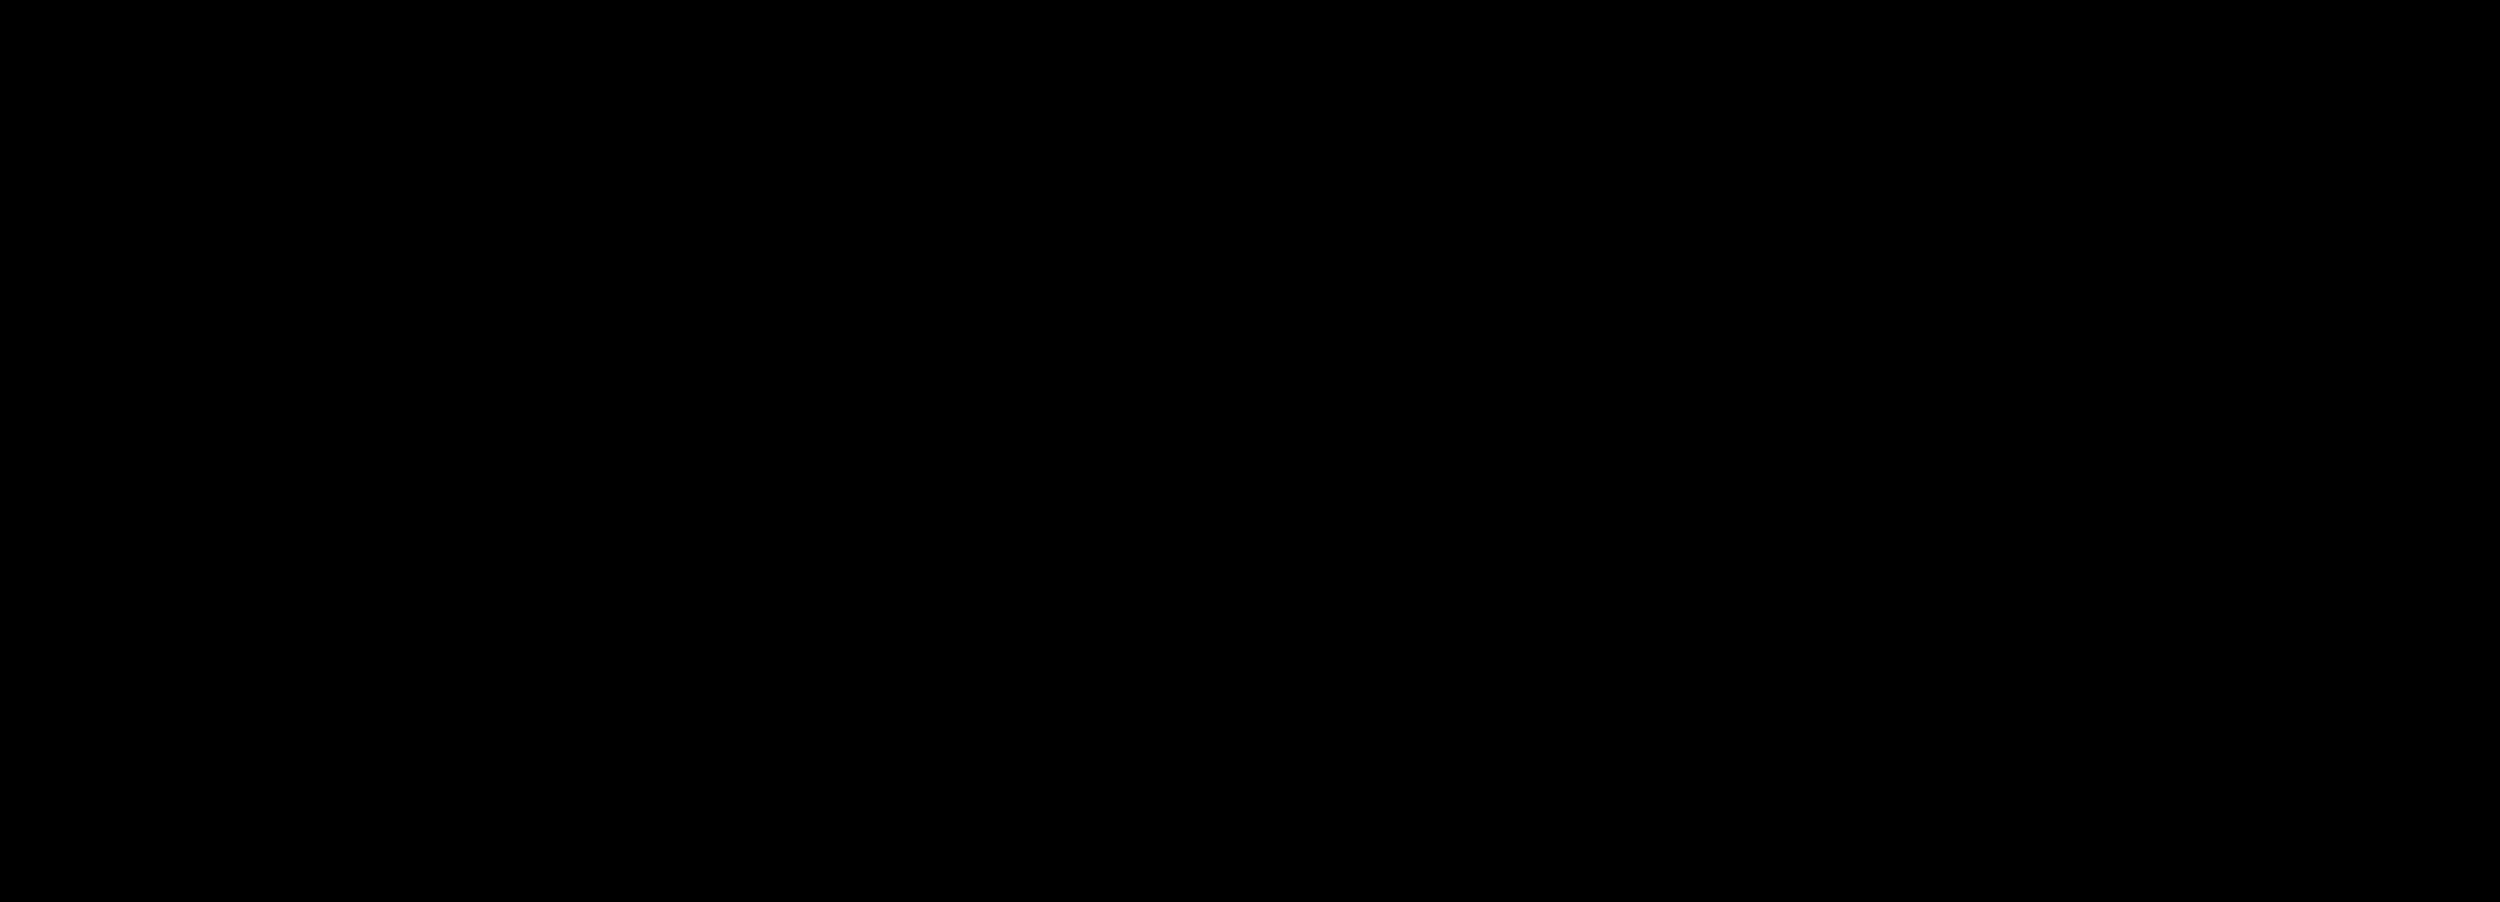 fritt-ord-logo-hvit-liggende.eps kopi.png